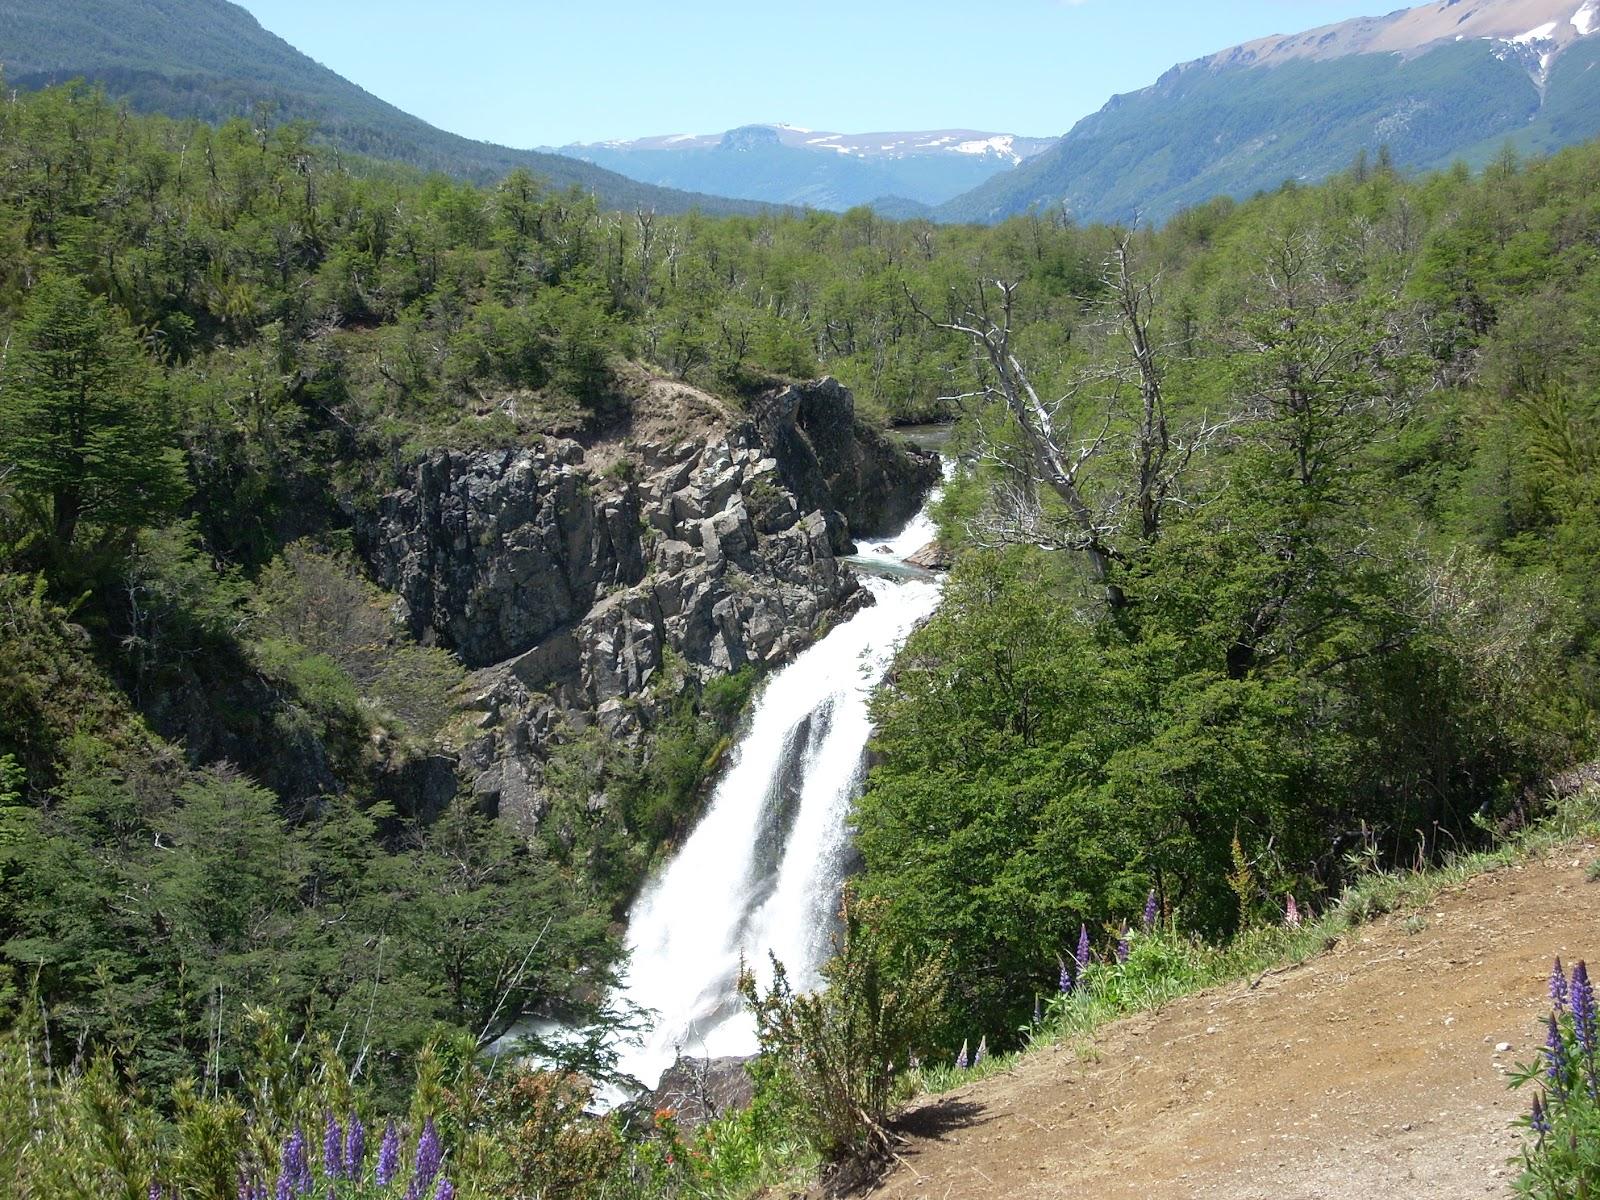 Waterfalls along the way